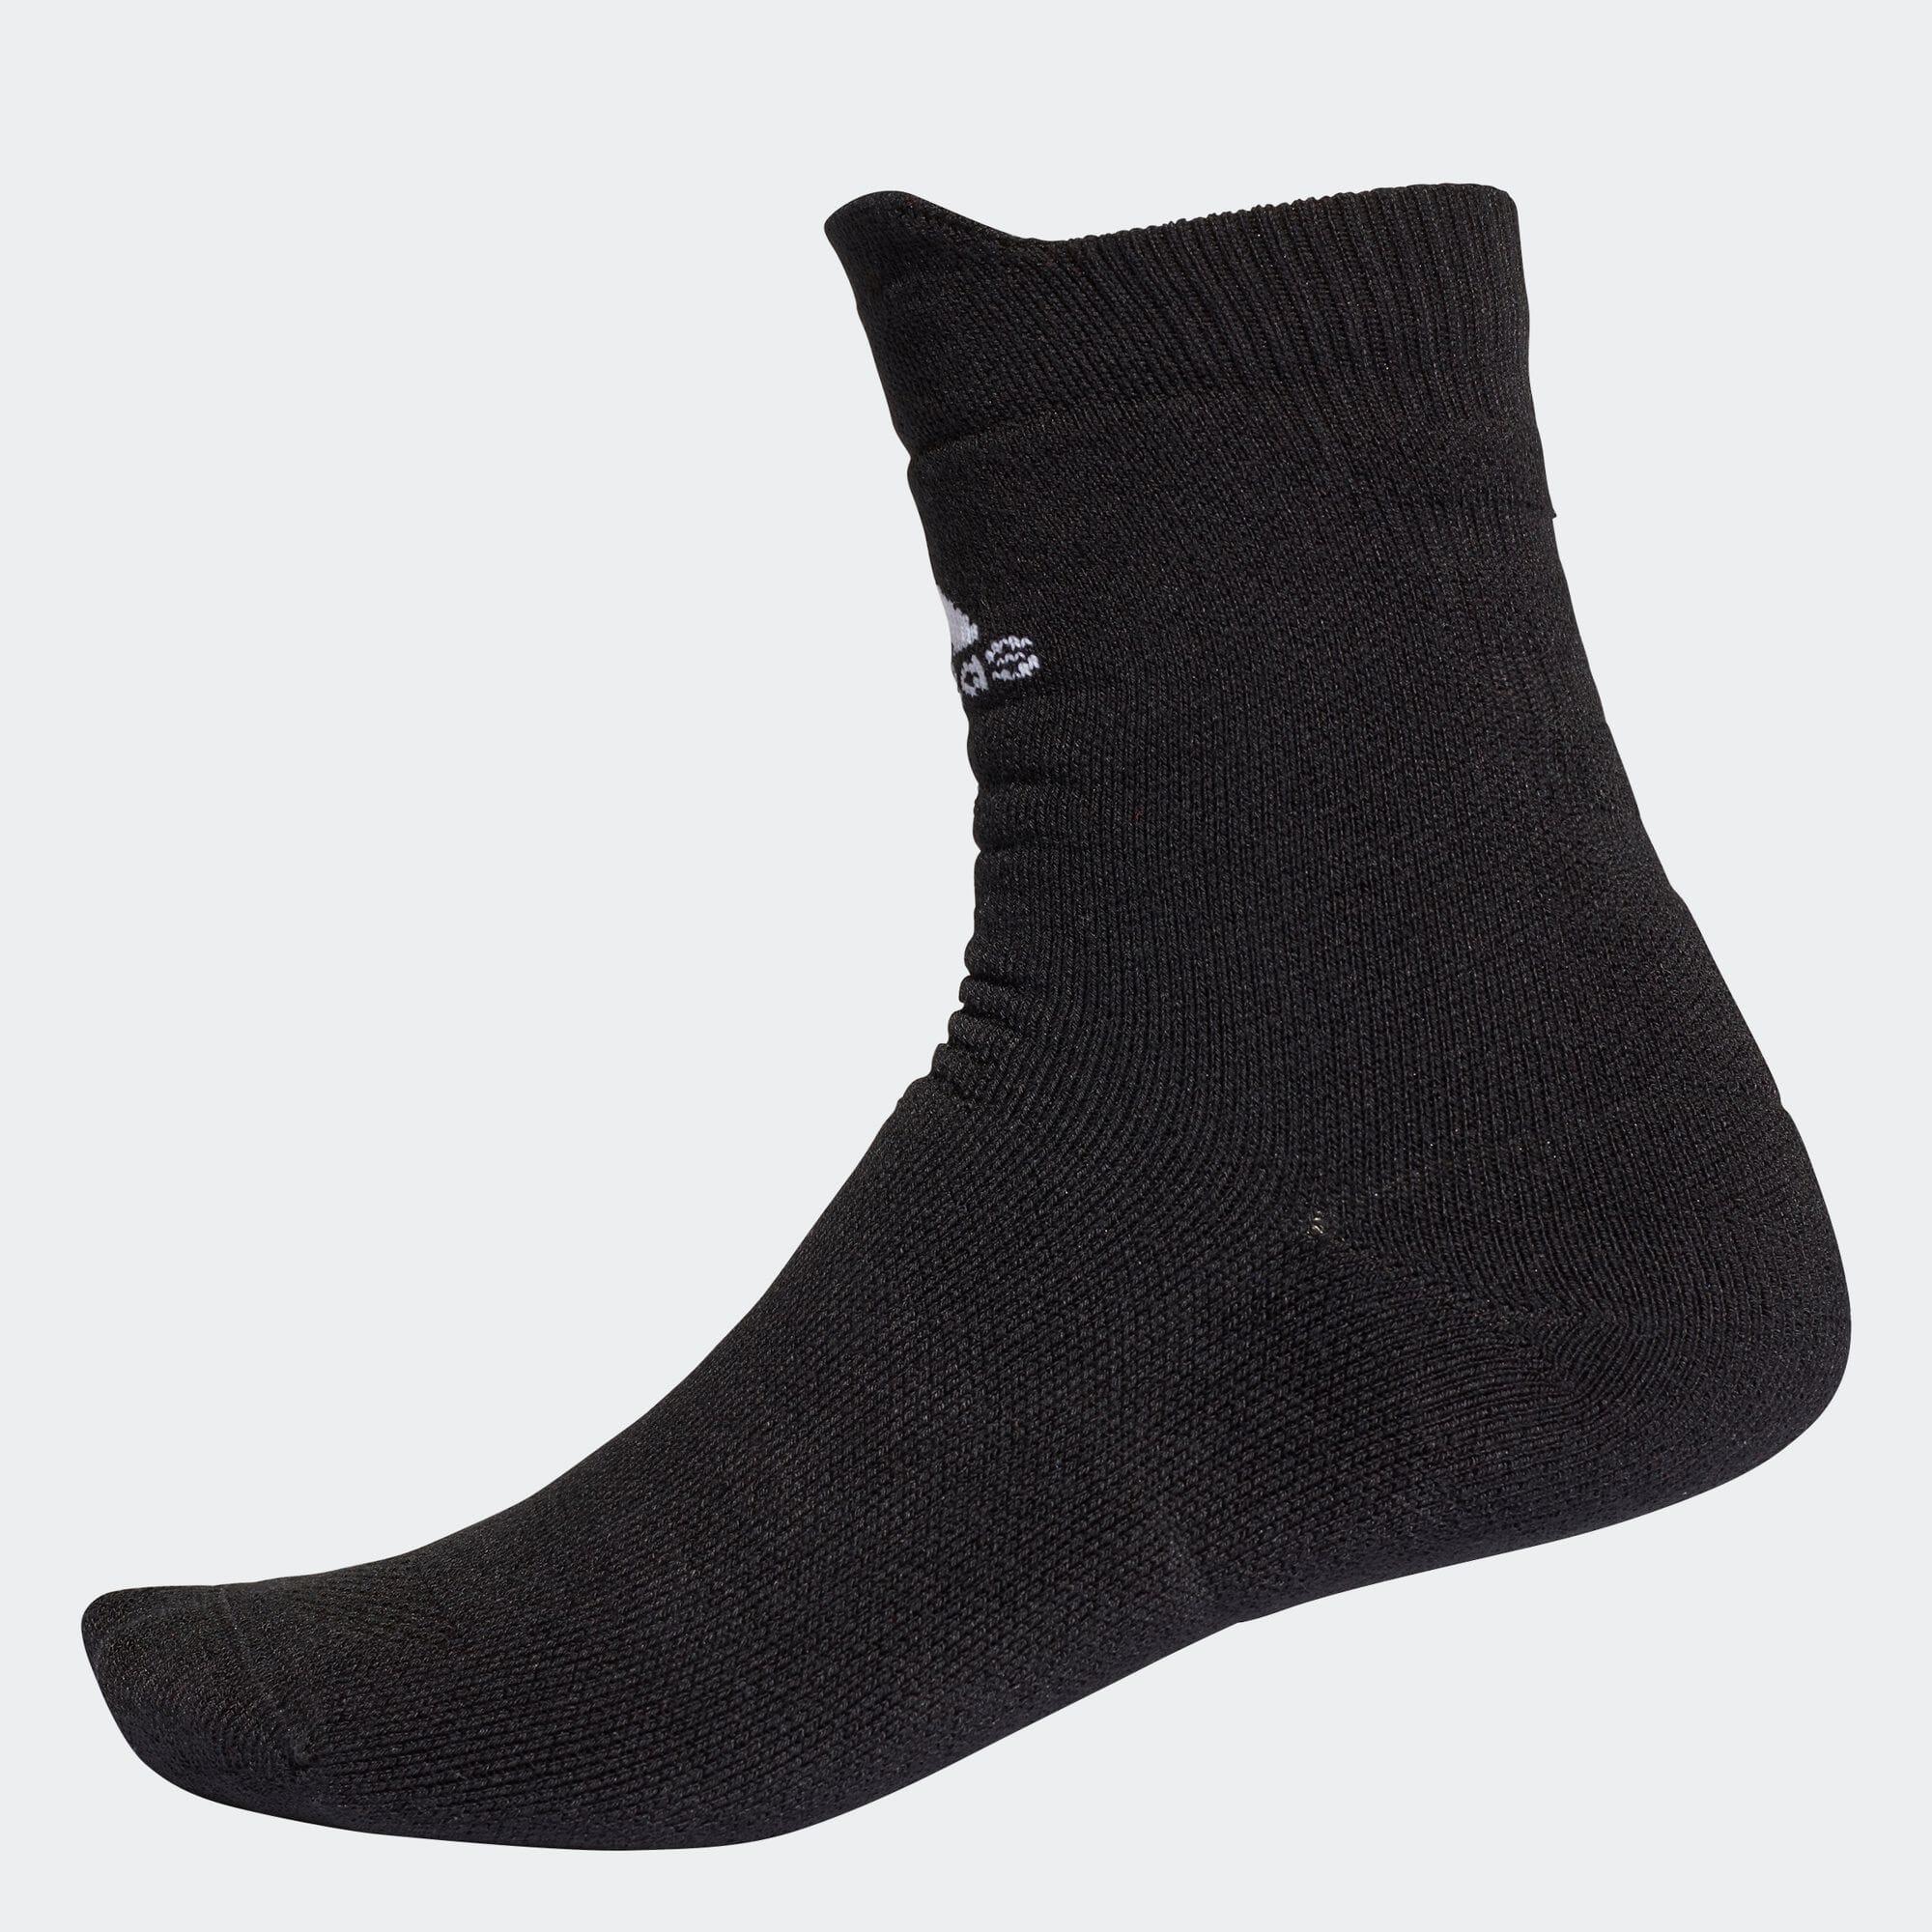 フルクッション クルーソックス /靴下  [アルファスキン/アルファスキンソックス]